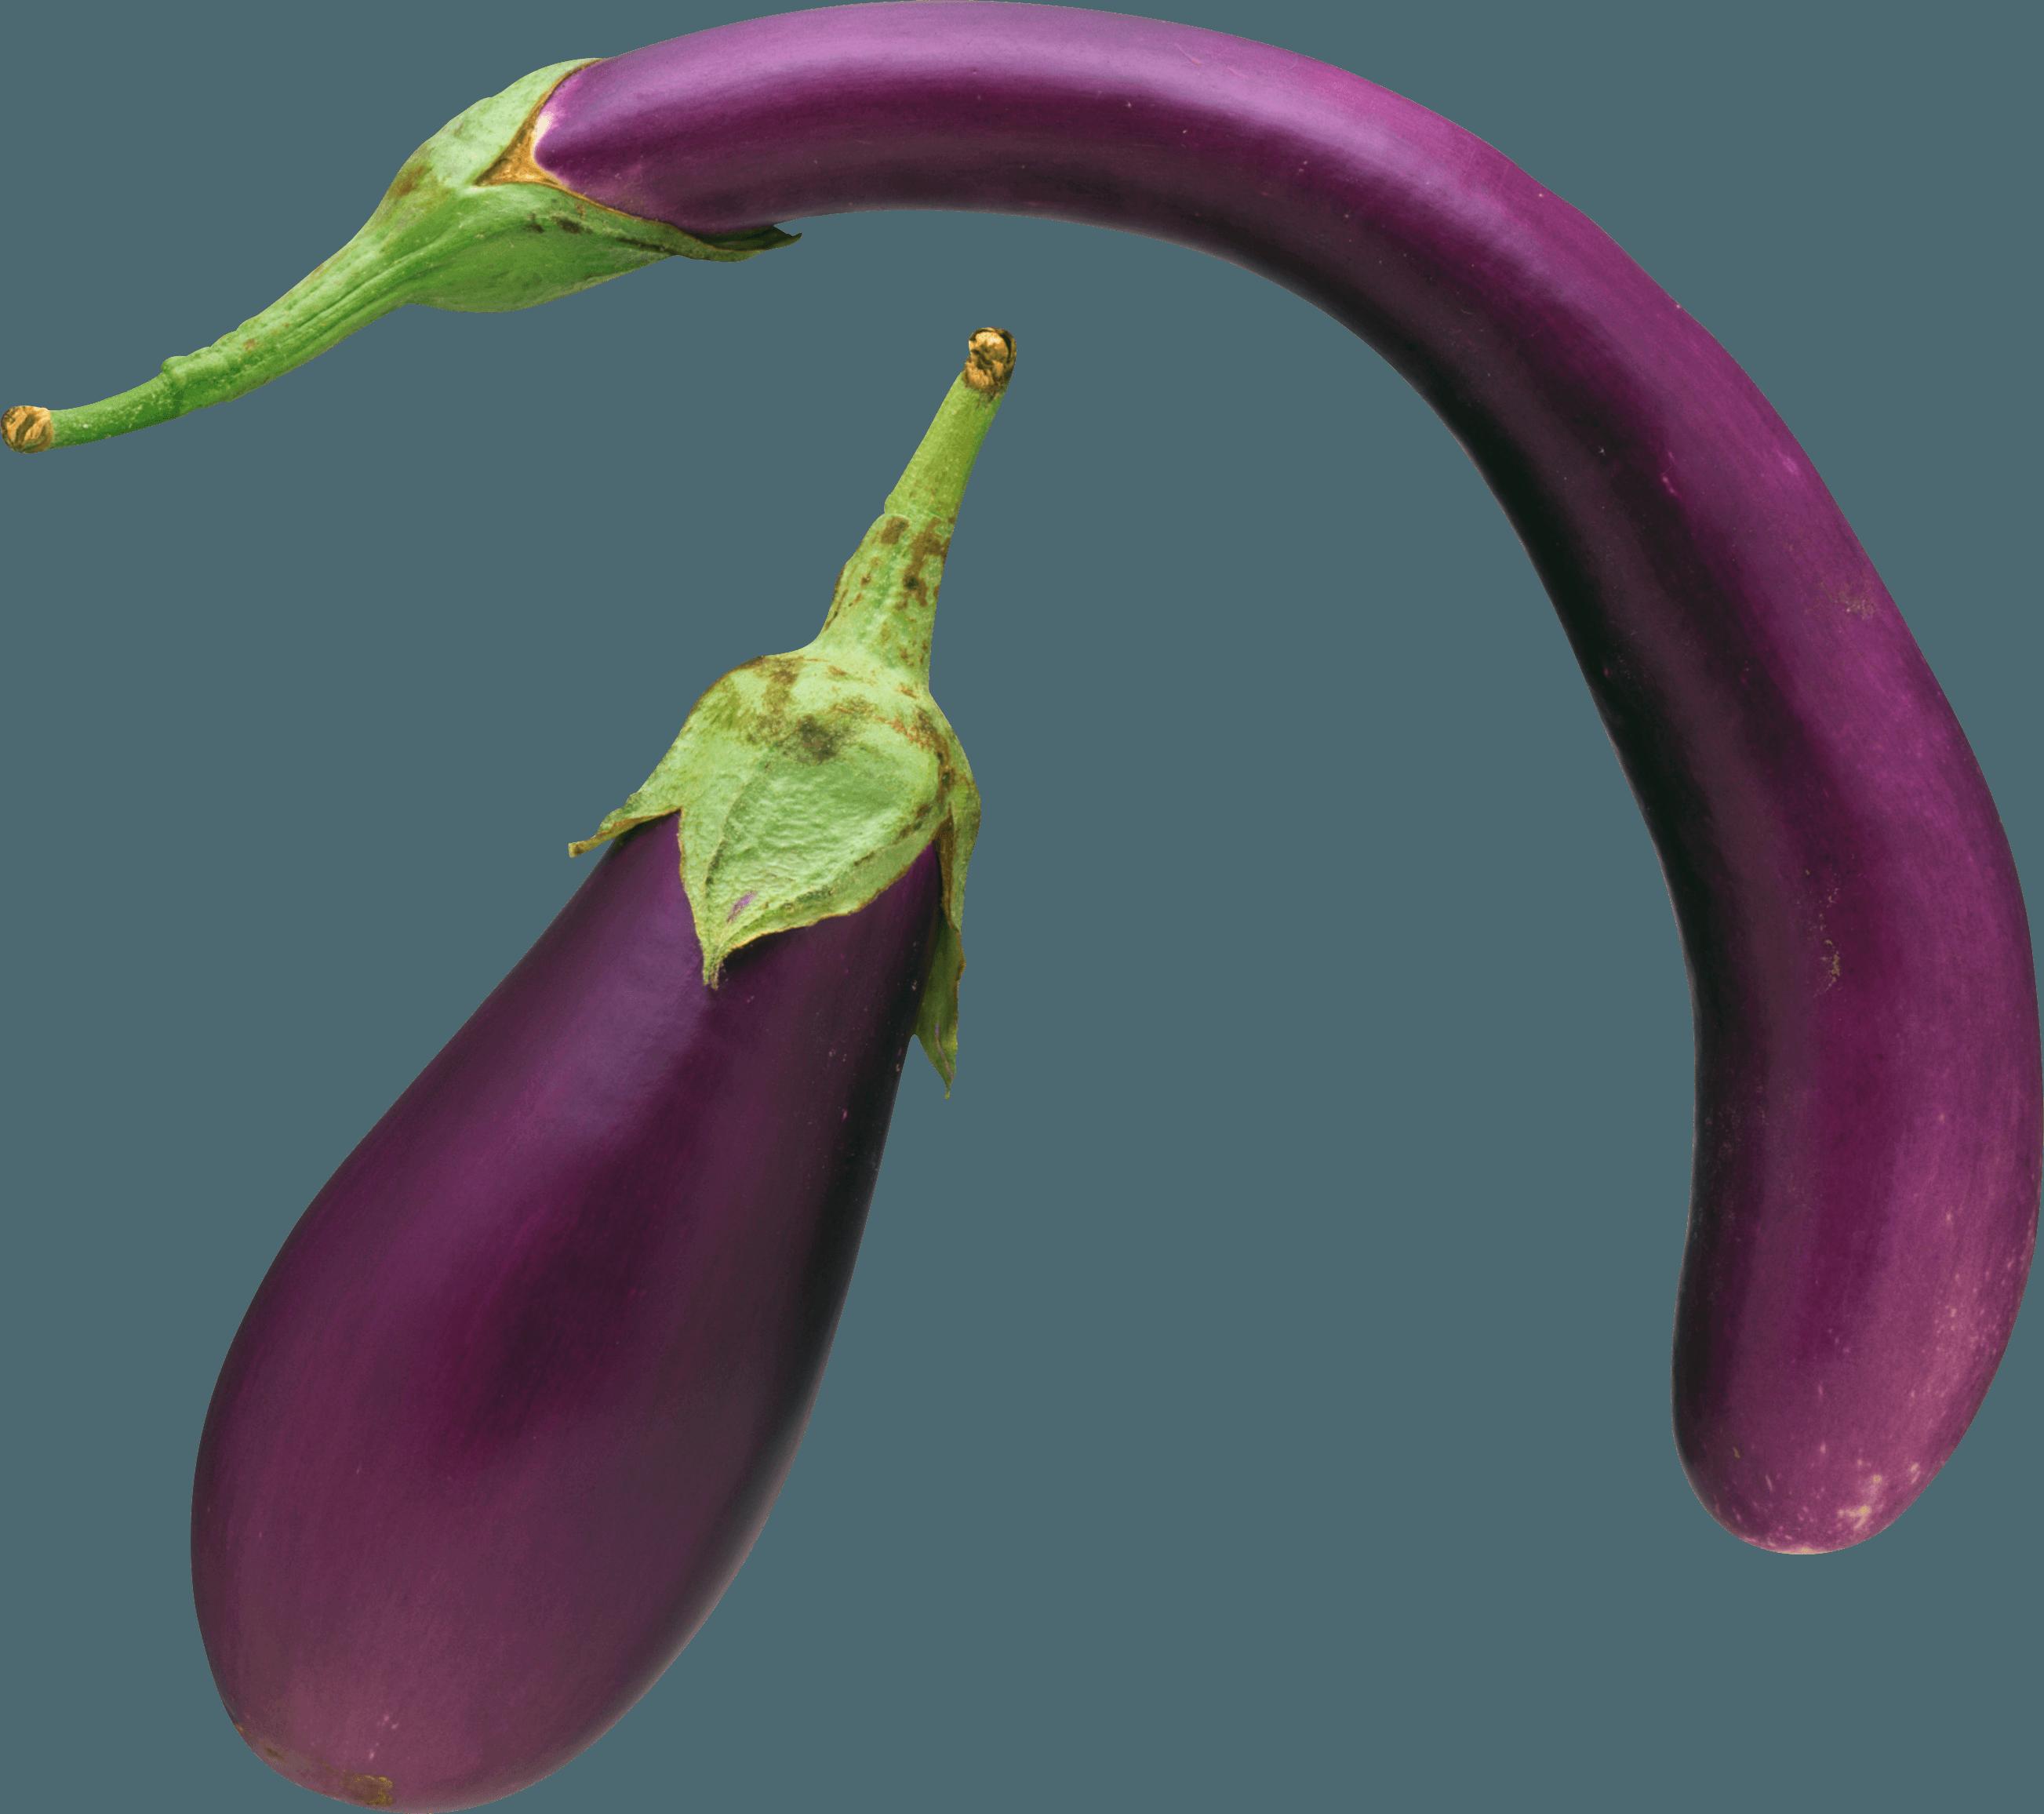 Eggplant PNG - 24057